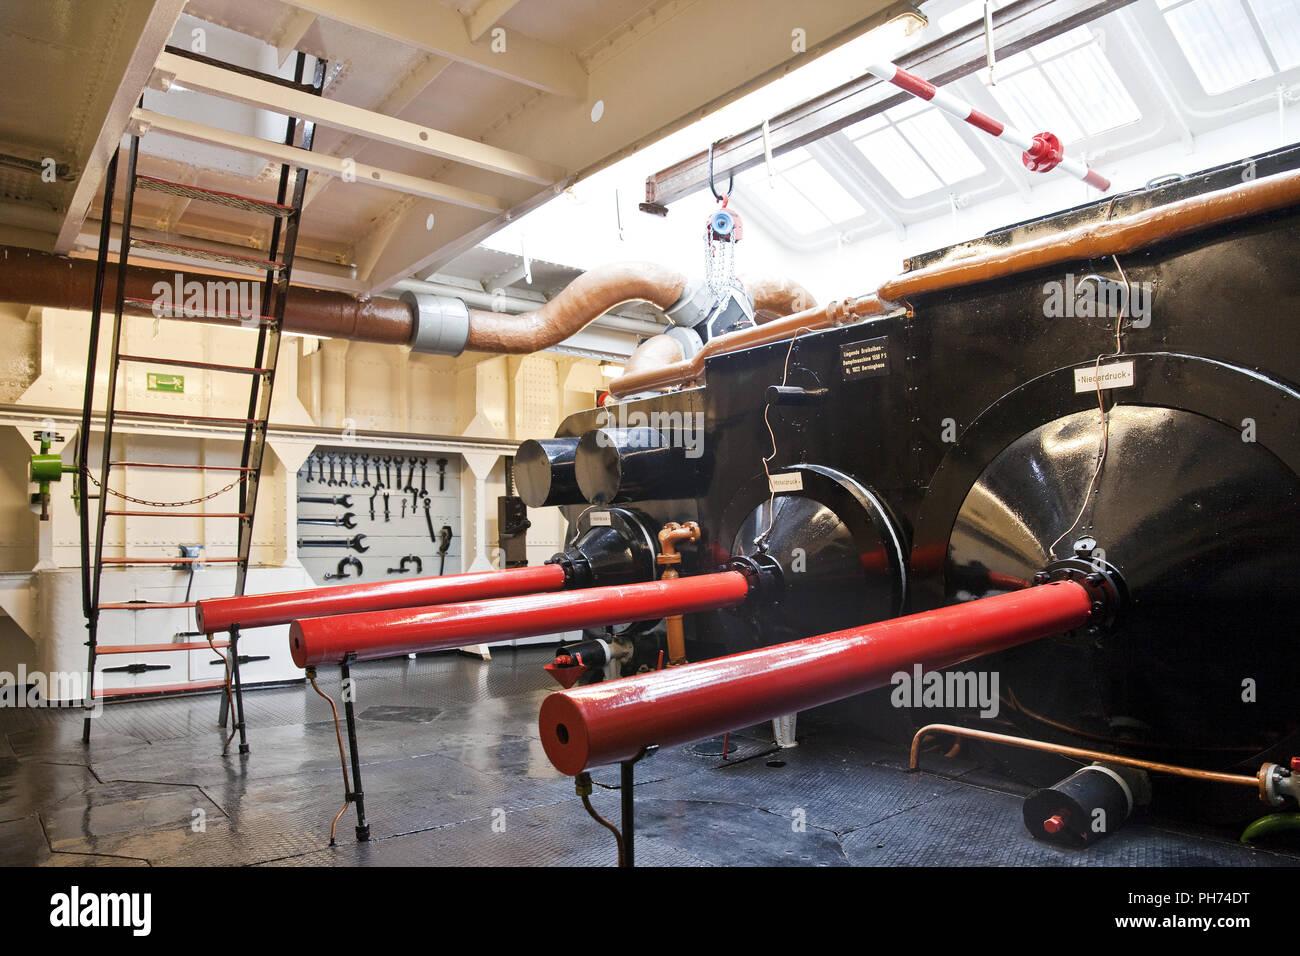 Barco Museo Oscar Huber, Duisburg, Alemania Imagen De Stock